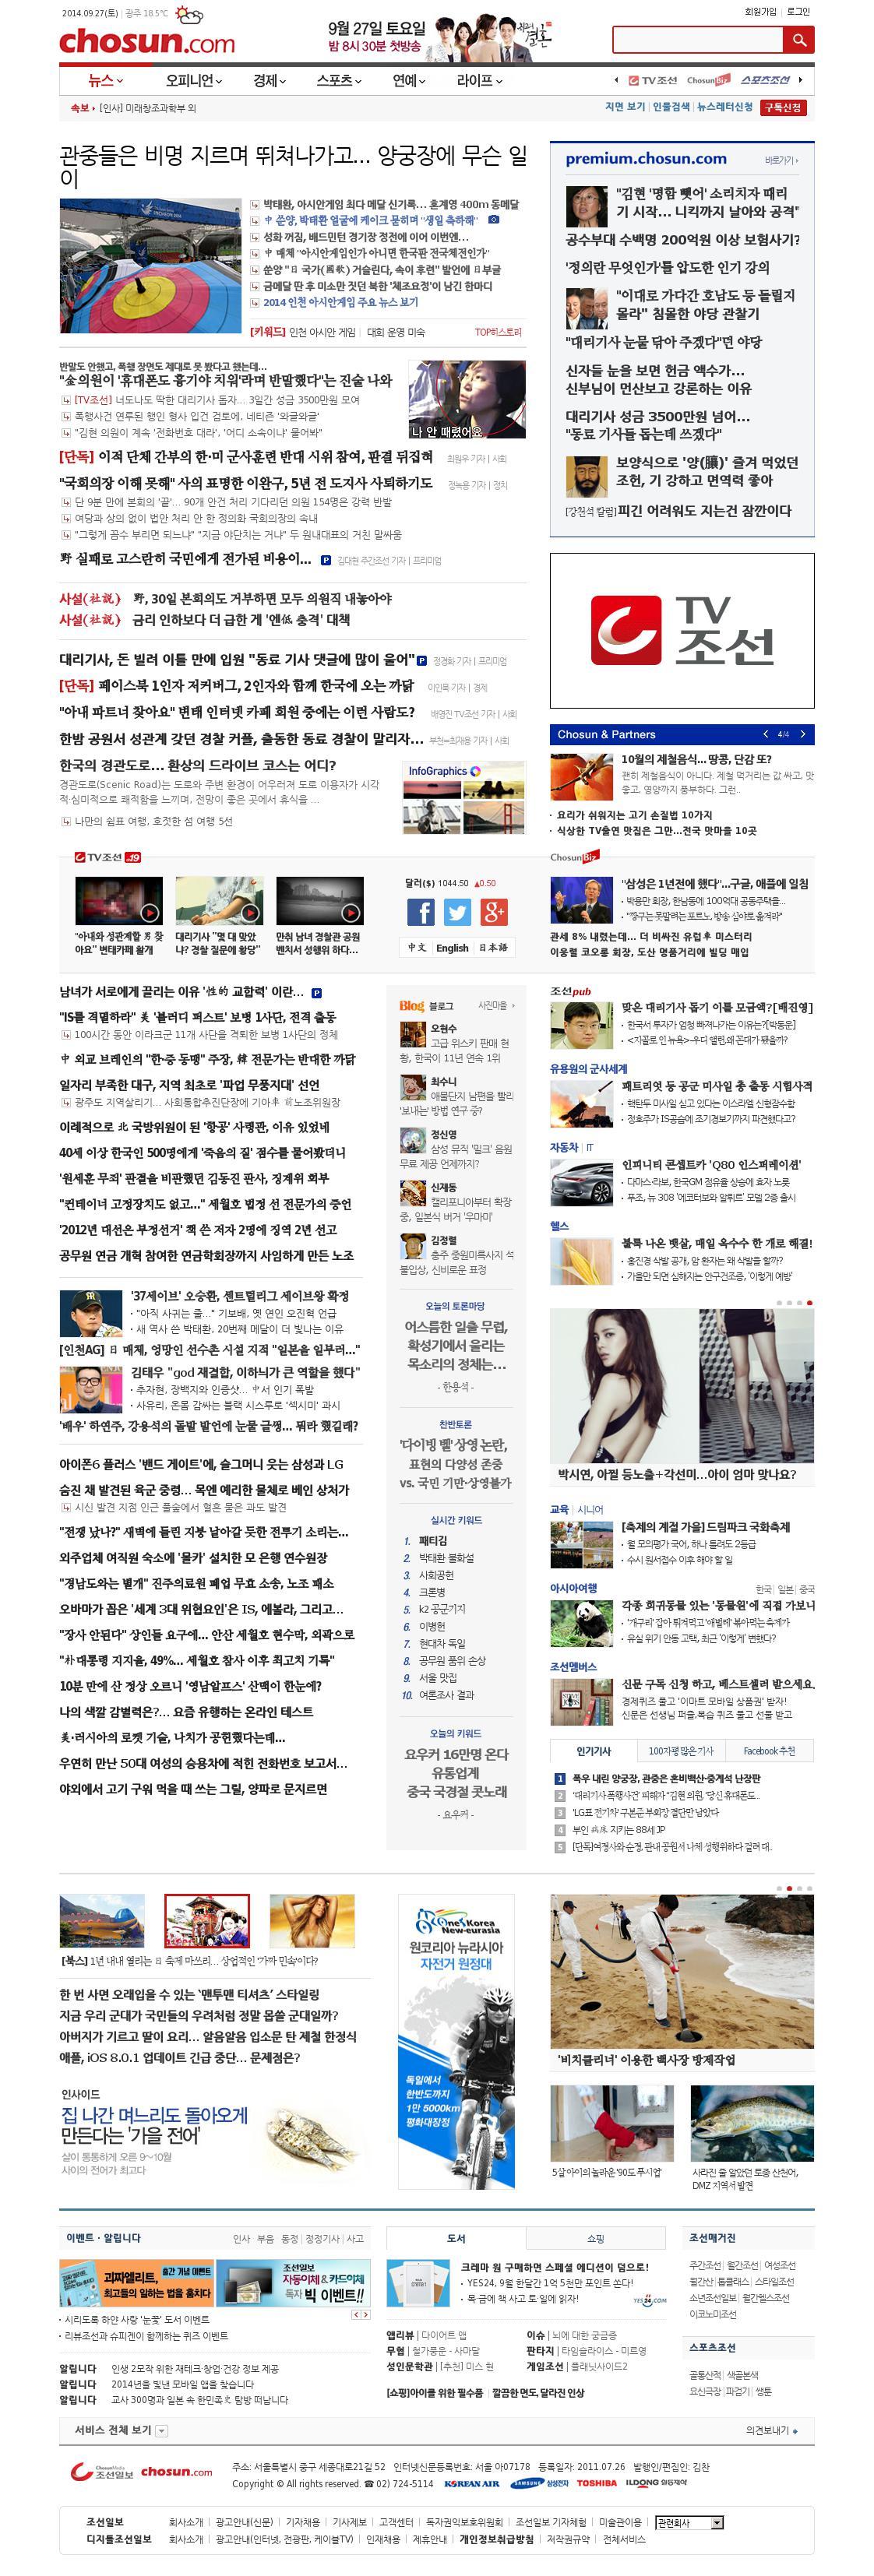 chosun.com at Friday Sept. 26, 2014, 8:01 p.m. UTC